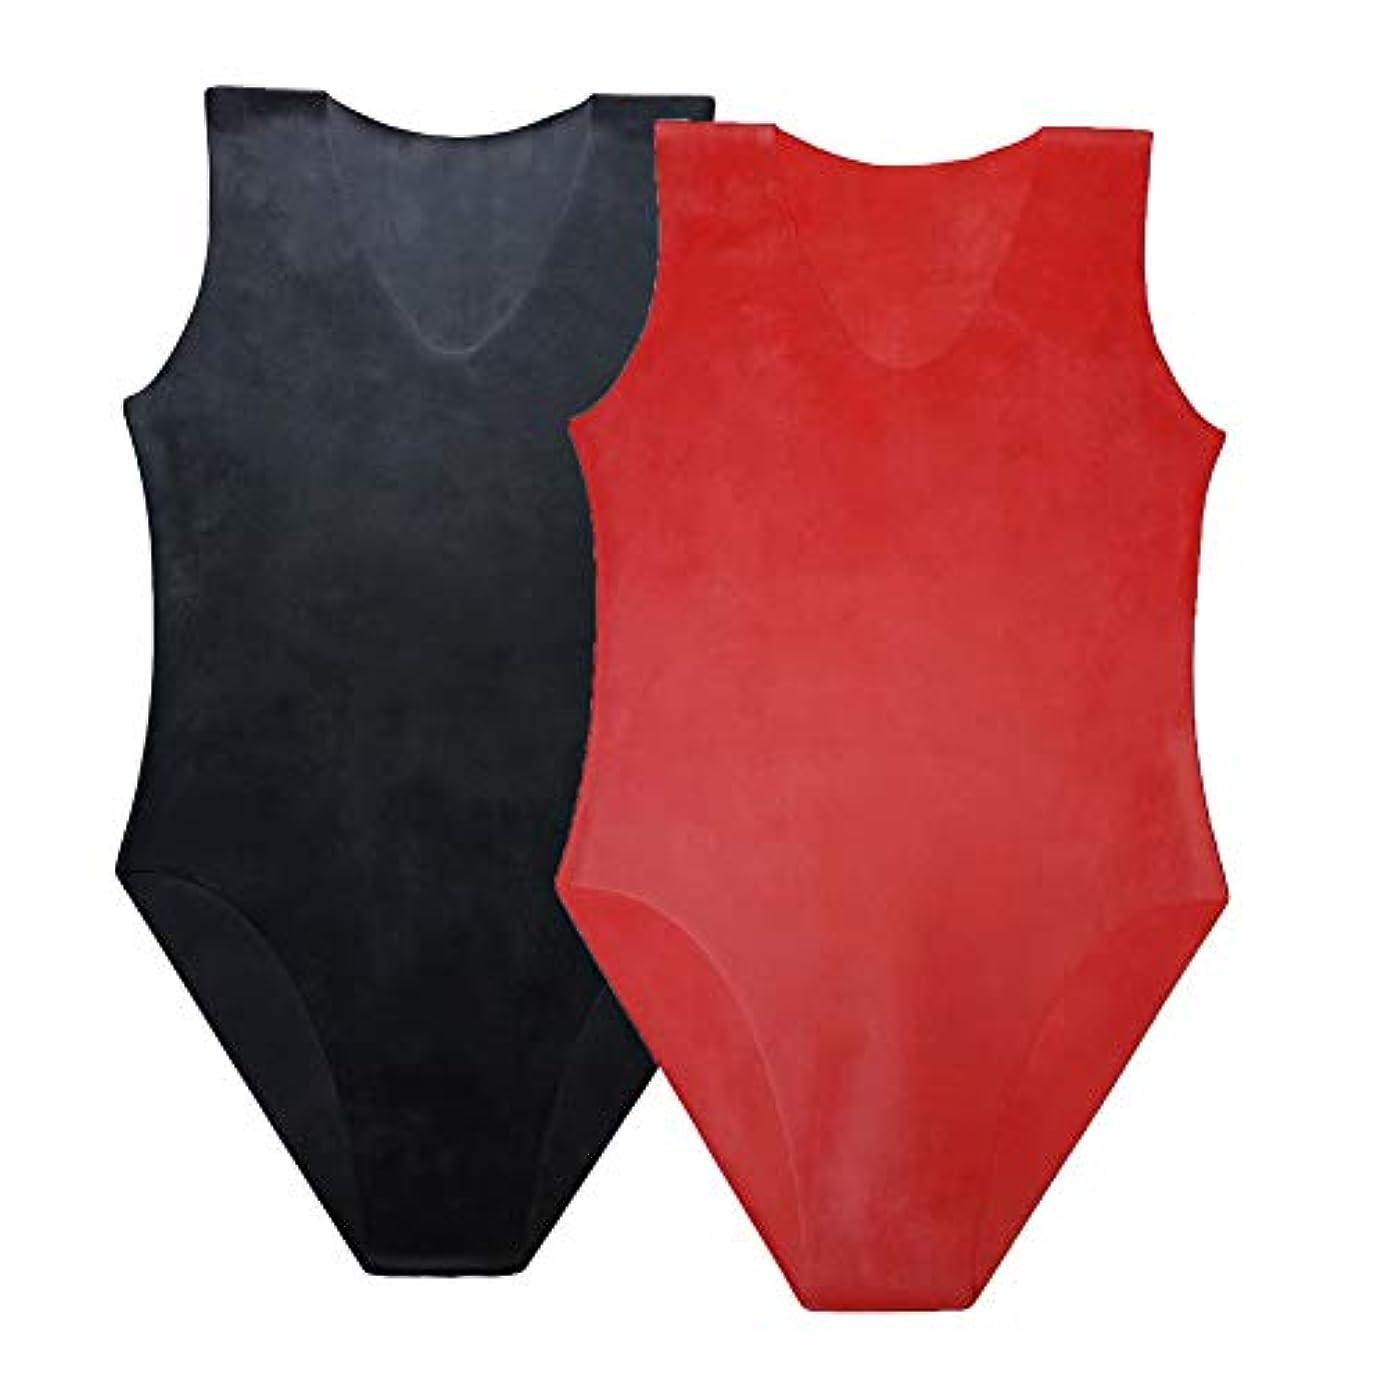 愛情コンペ評決EXLATEX ラテックス ボディスーツ 女性水着 ラテックス ラバー グミ レオタード ブラック ラテックス キャットスーツ